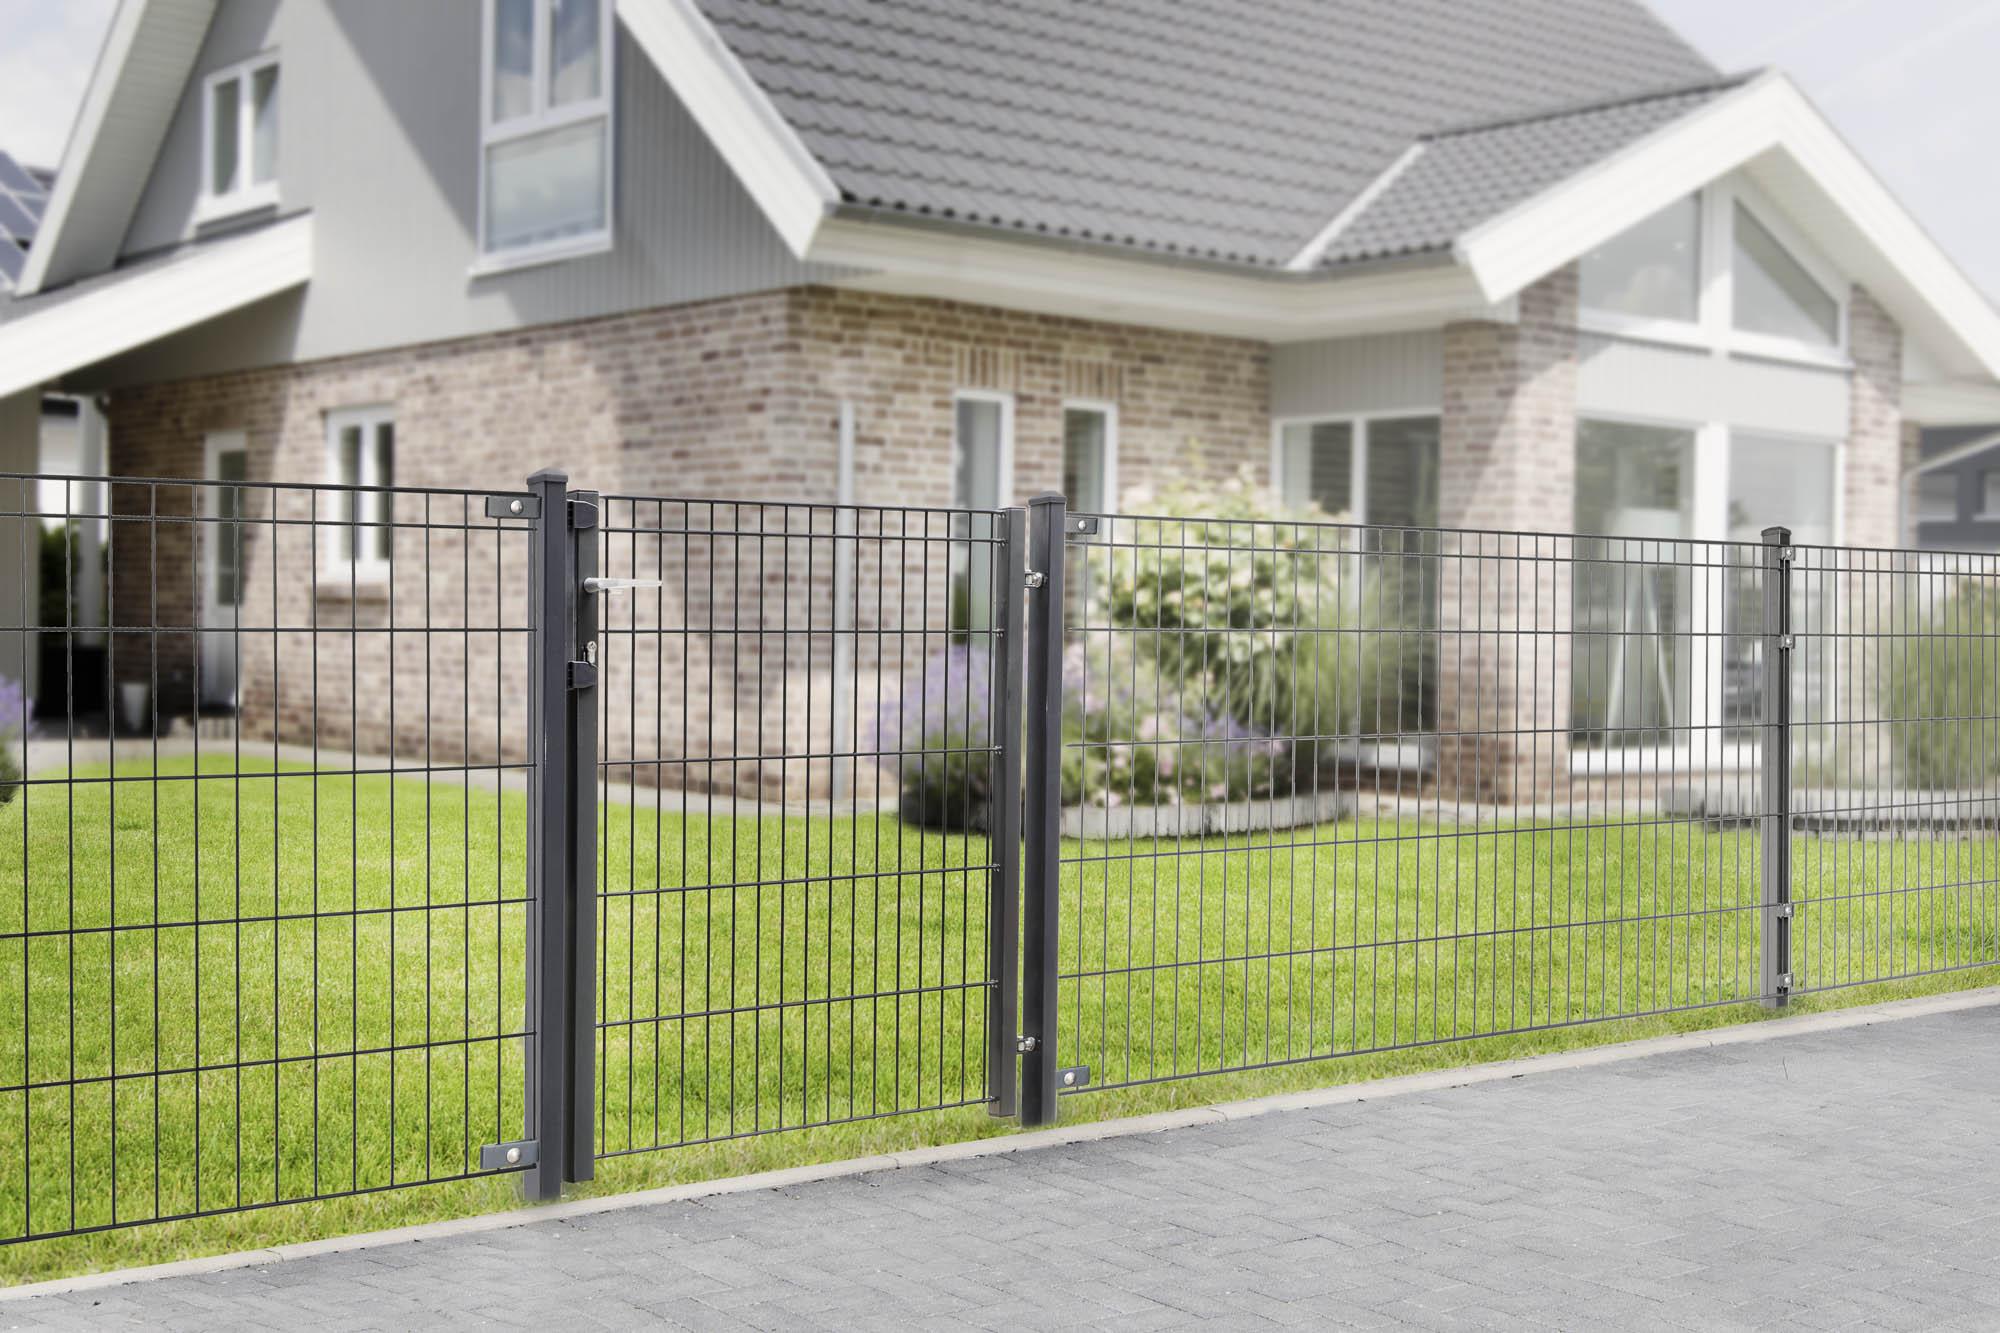 gartenzaun inkl tor komplett set 805 1005 oder 1205 mm gr n gittermattenzaun. Black Bedroom Furniture Sets. Home Design Ideas